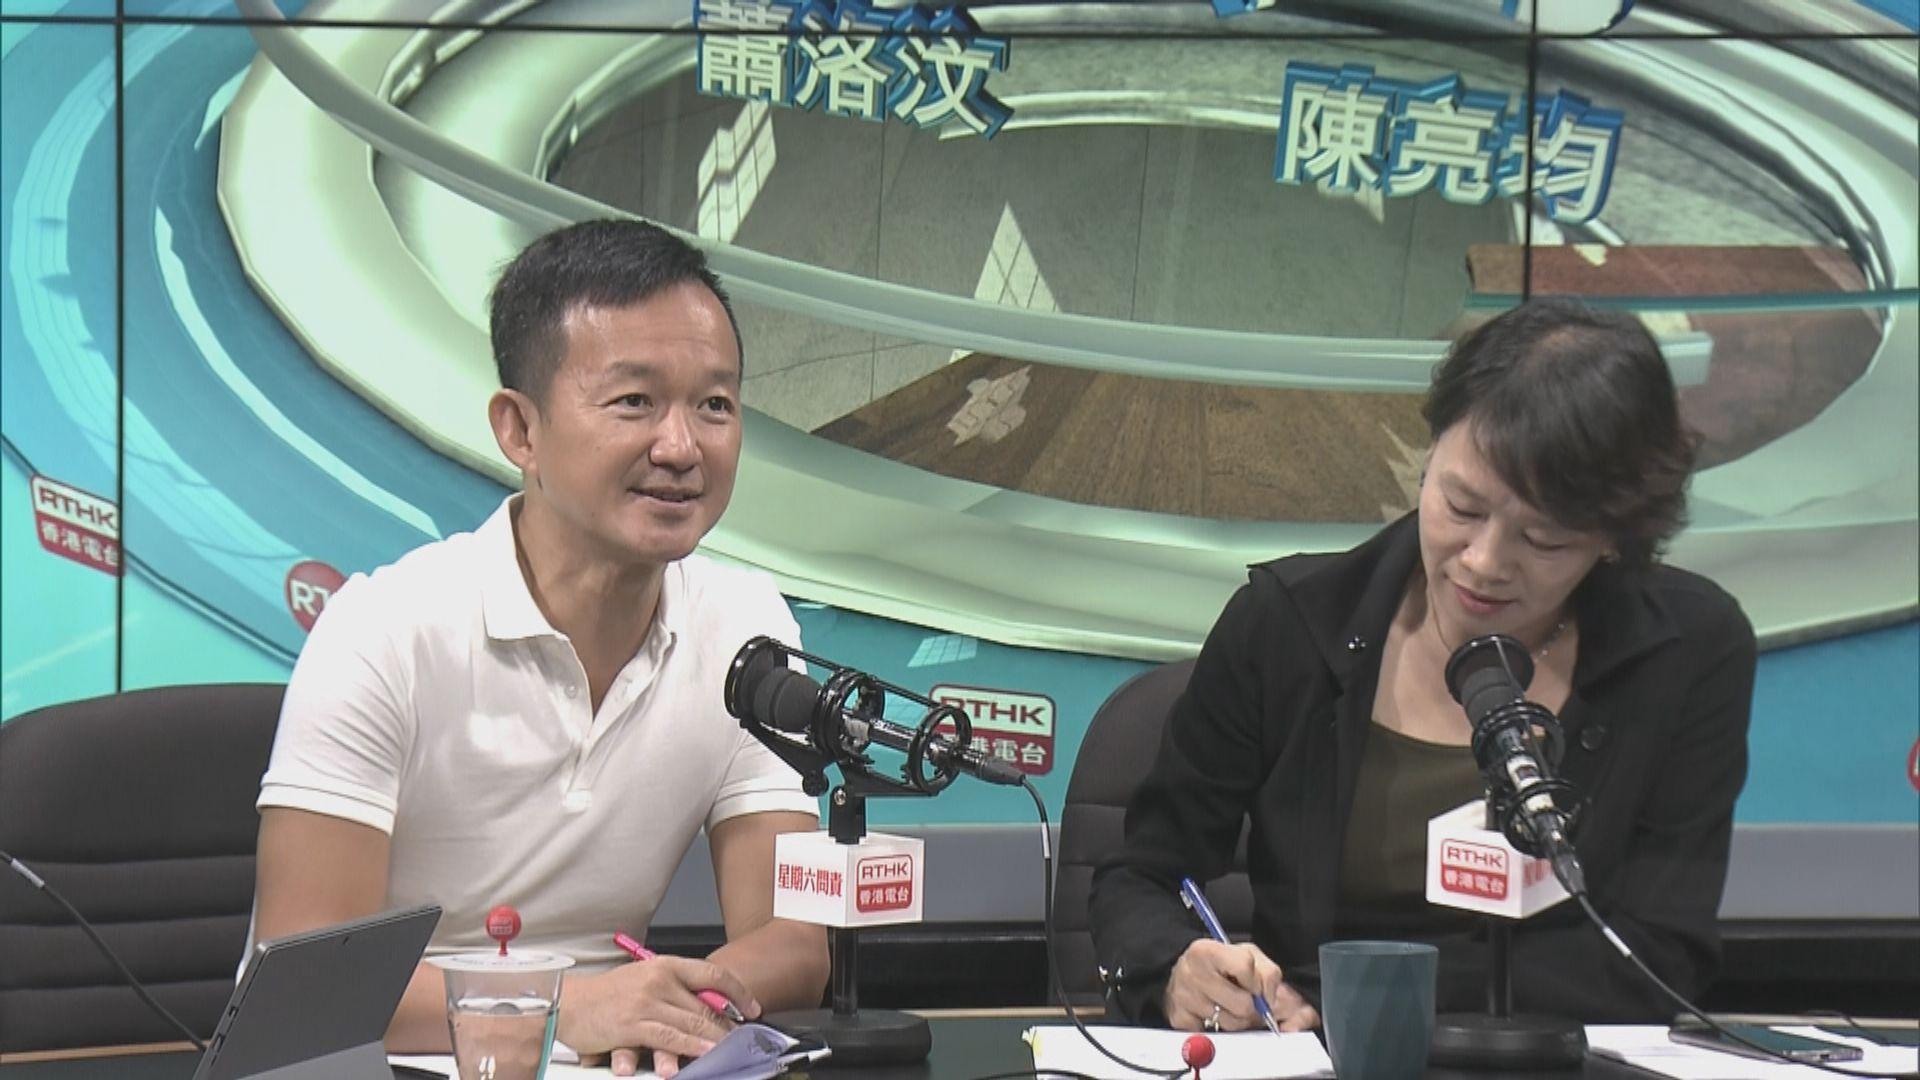 陳志全:應容許同性伴侶民事結合